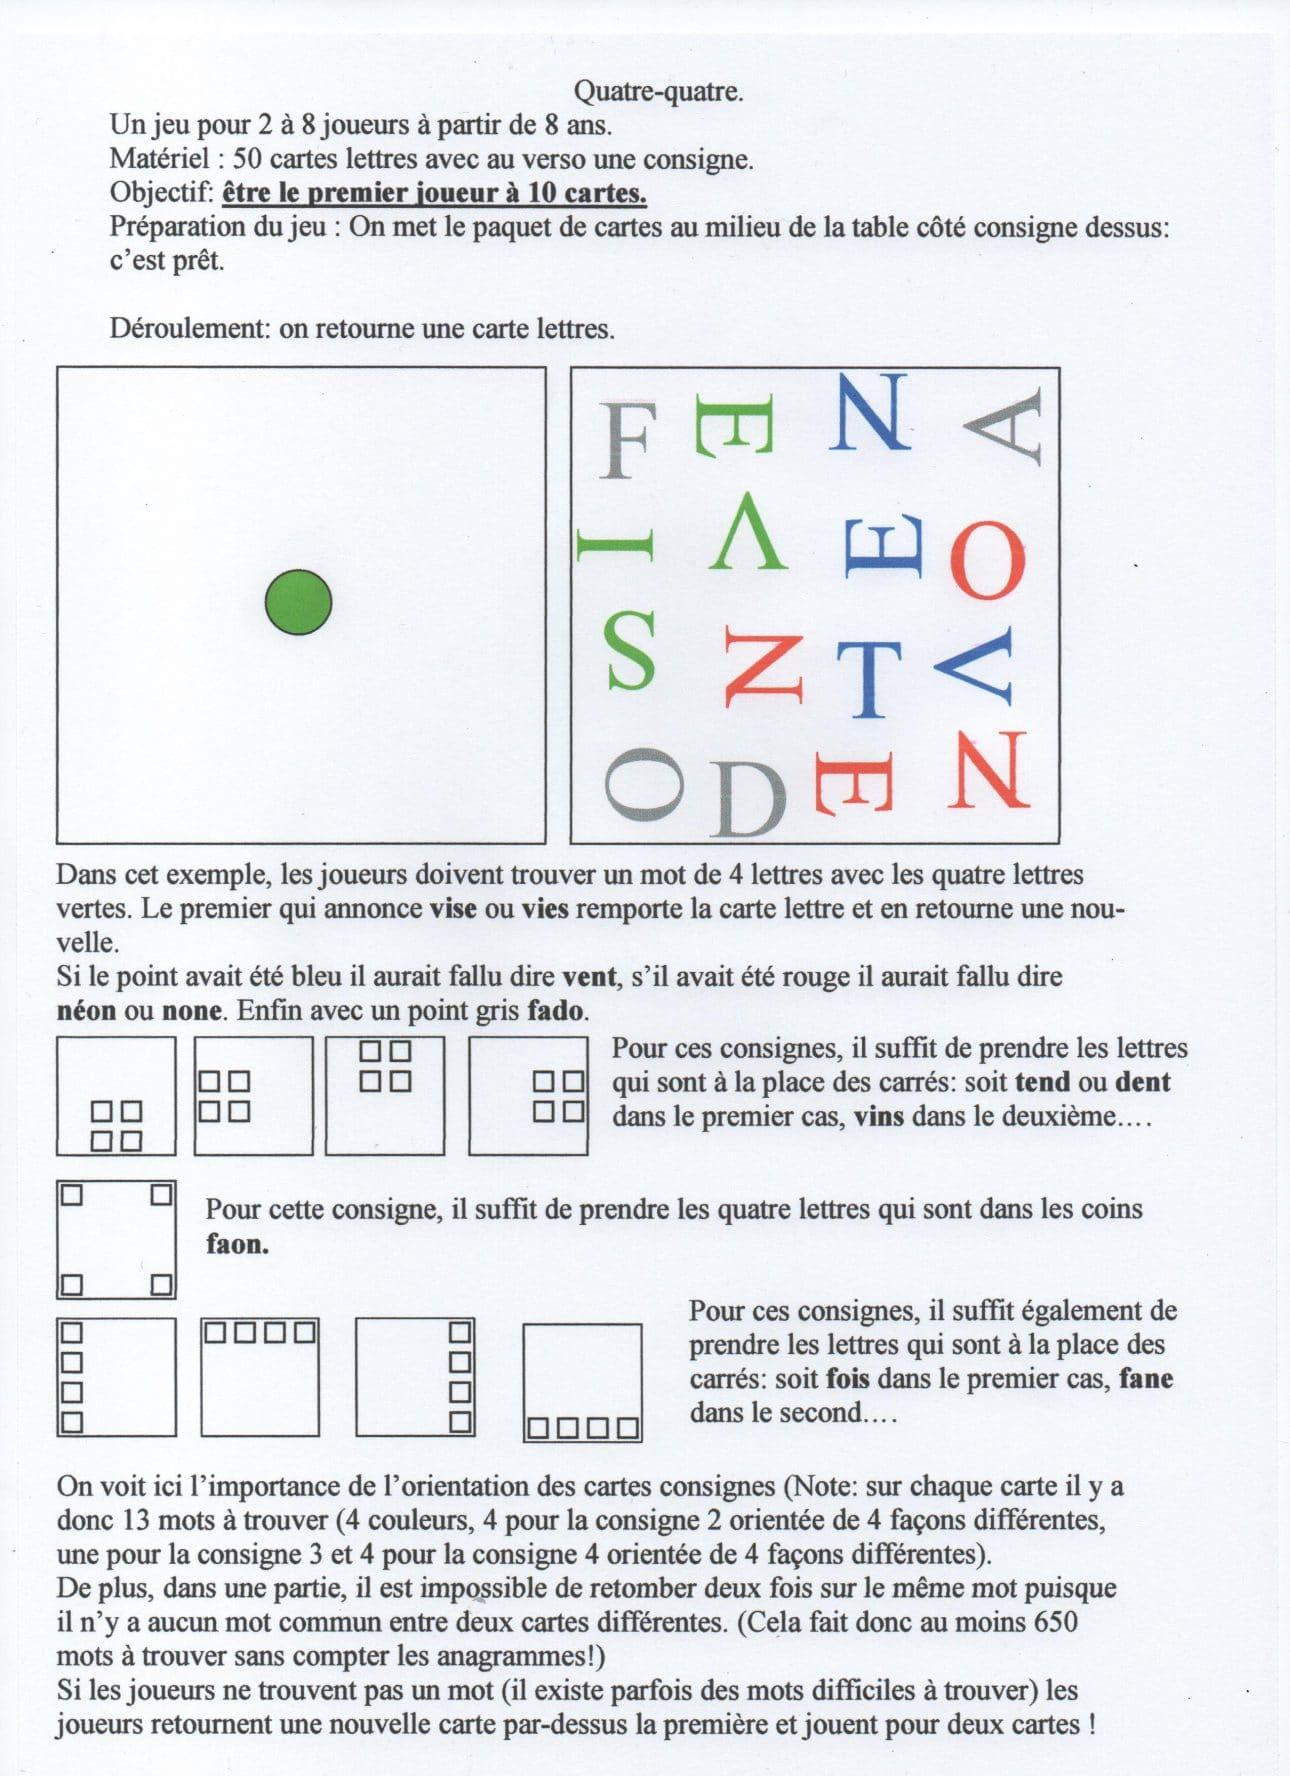 Jeu Quatre Quatre Sur Les Mots De Quatre Lettres avec Jeux Quatre Image Pour Un Mot